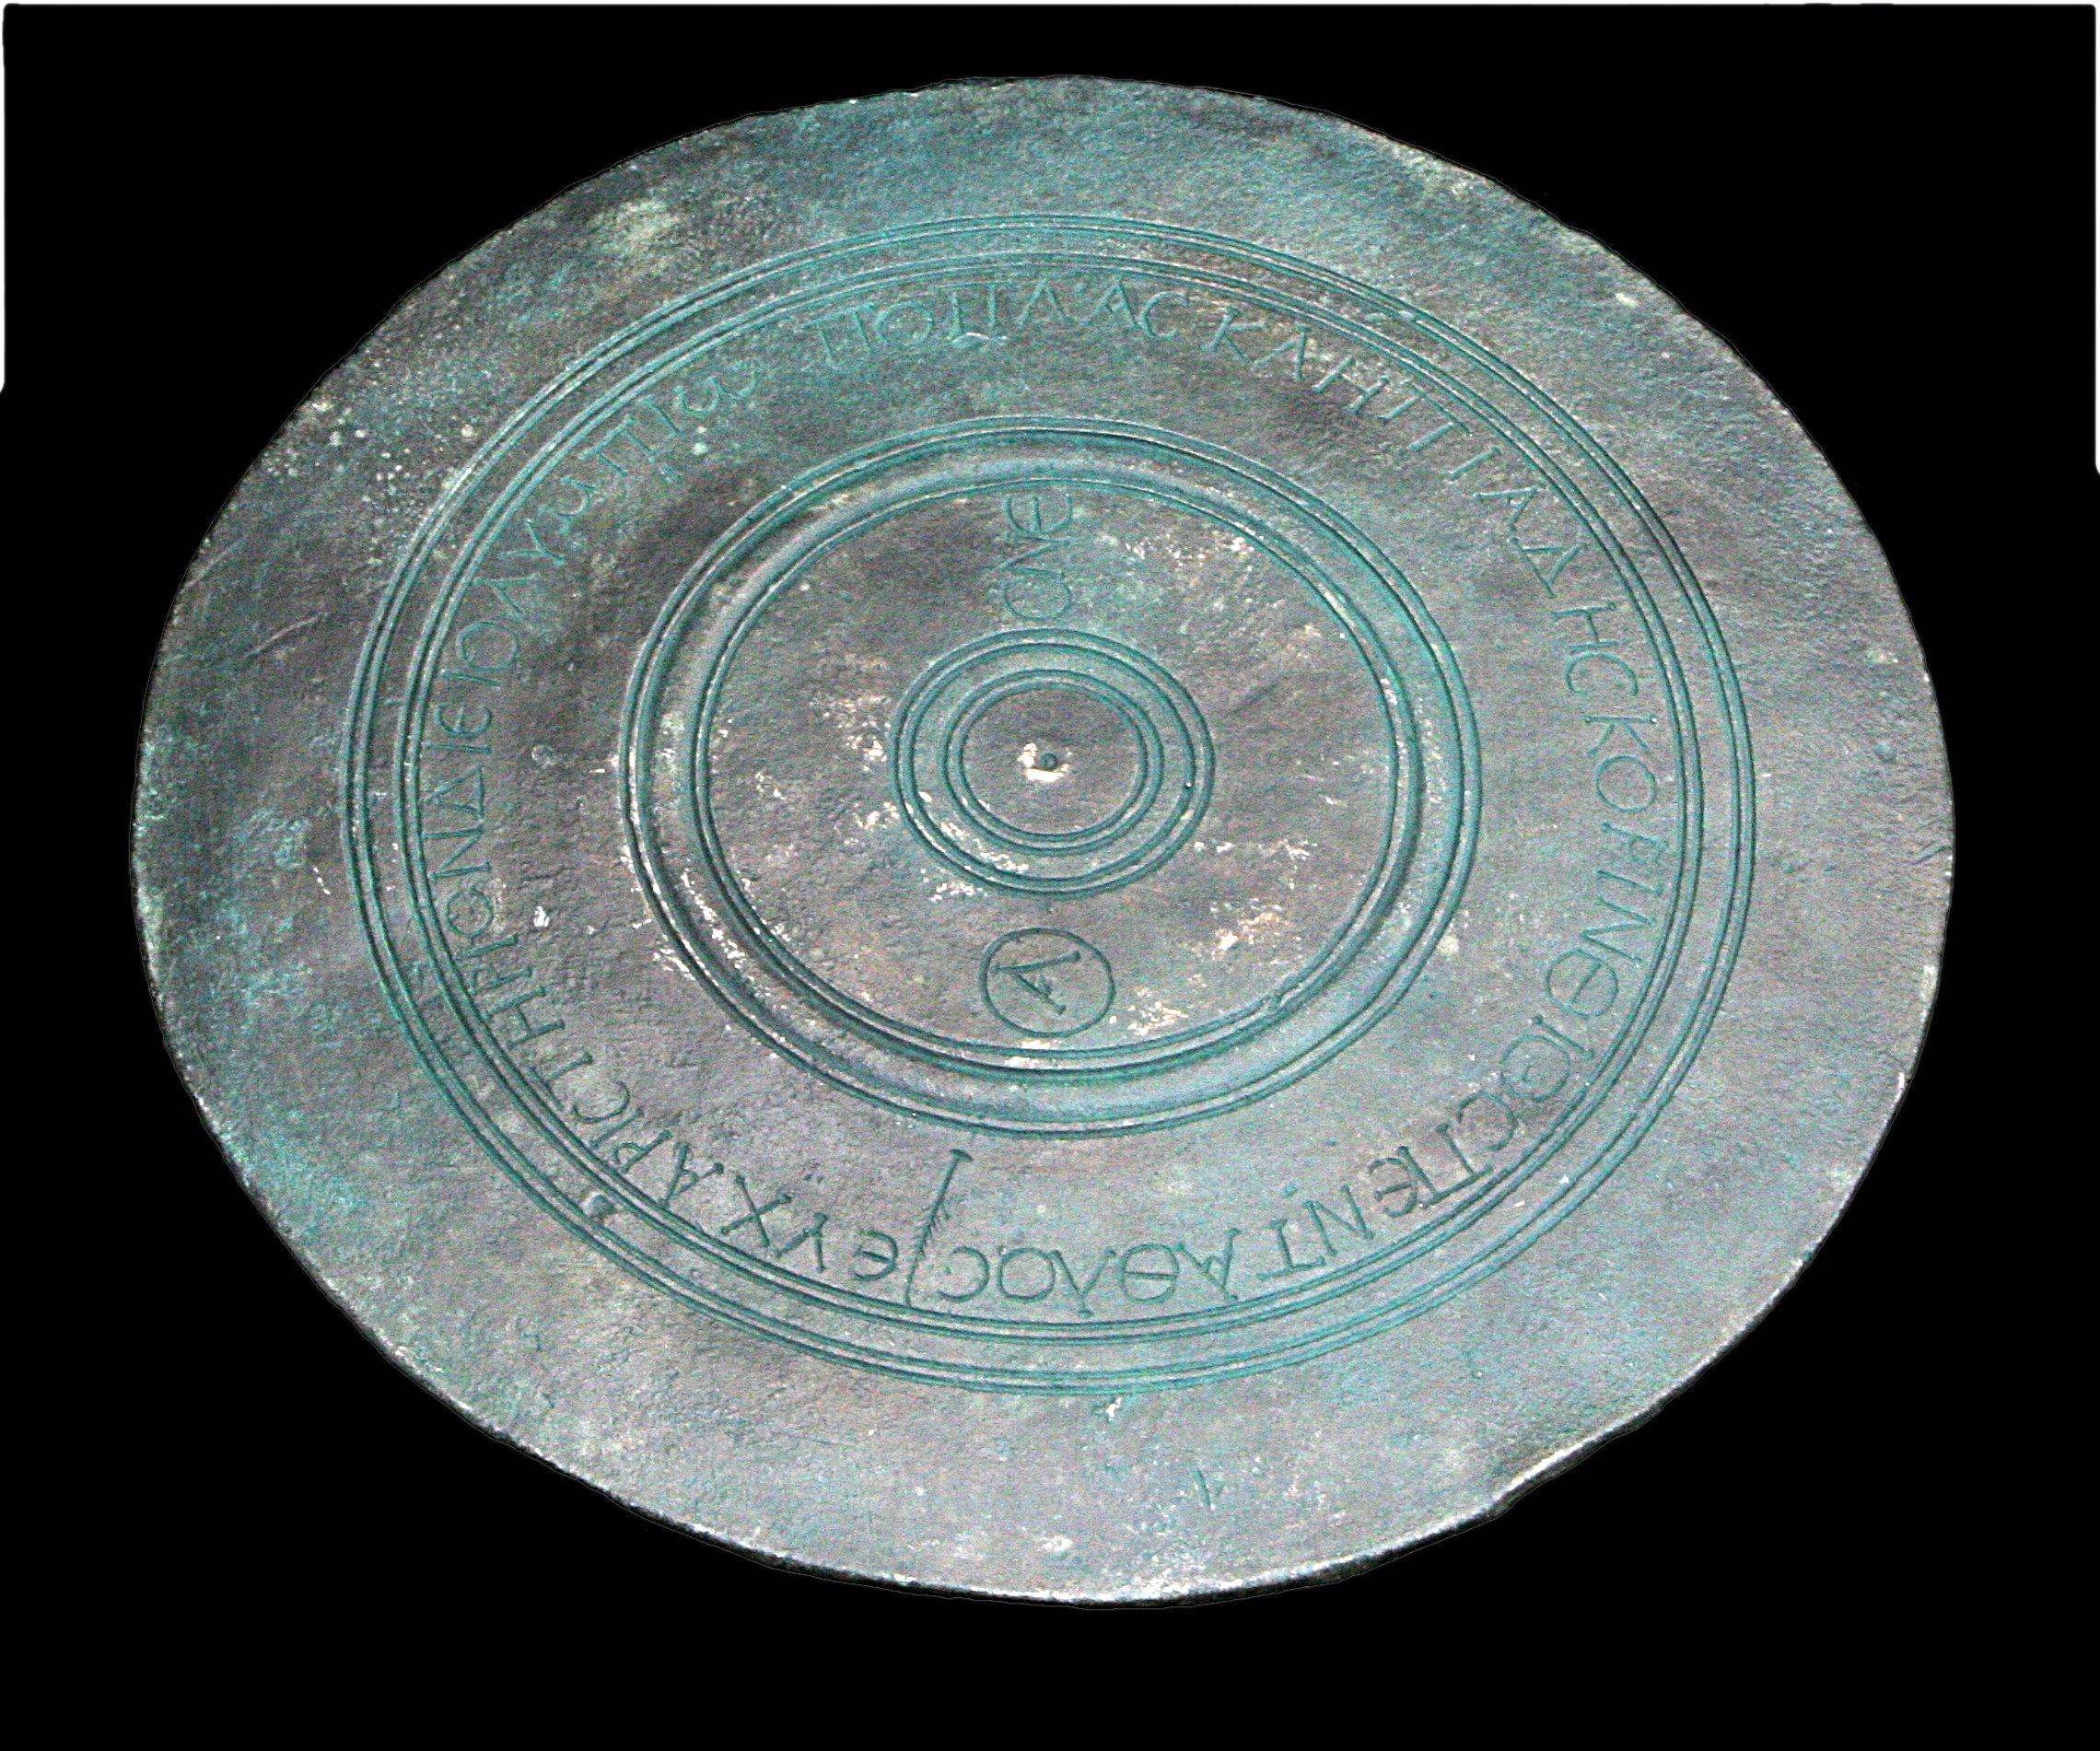 Discus disc